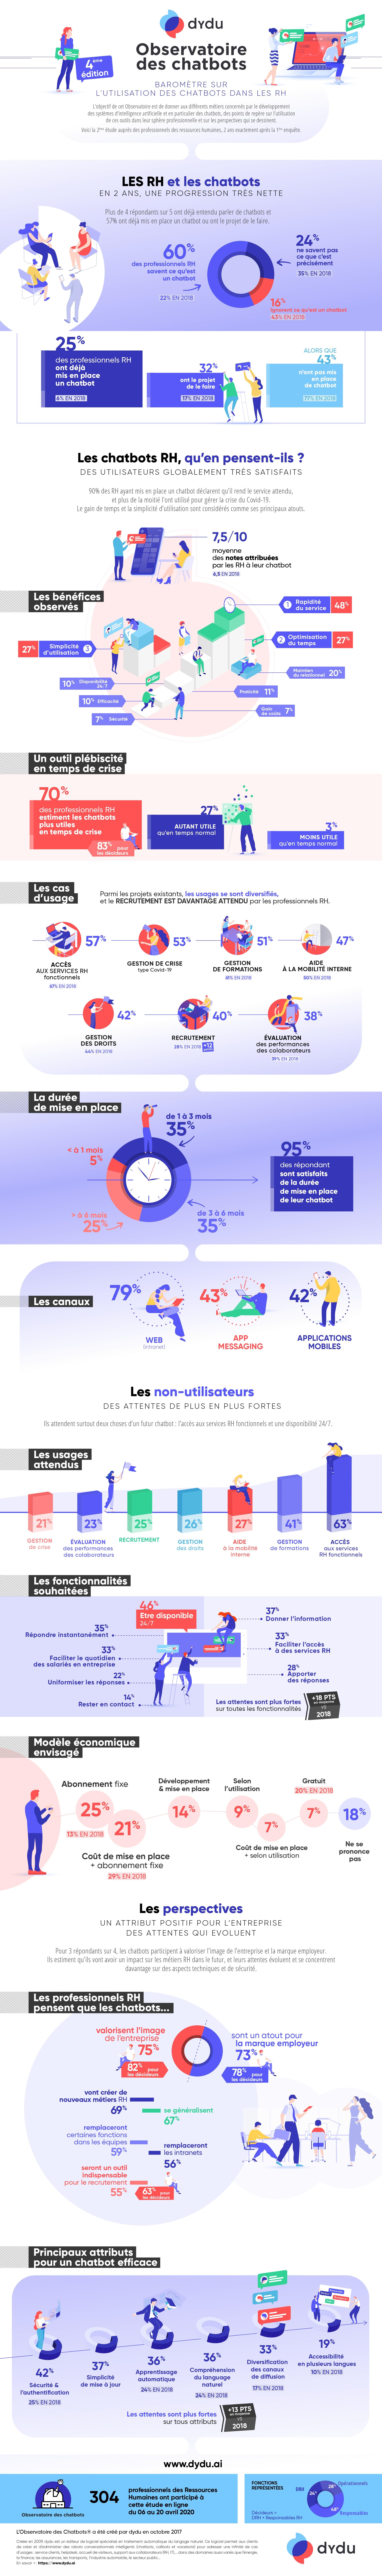 infographie Chatbot : un outil RH qui s'est démocratisé en 2020